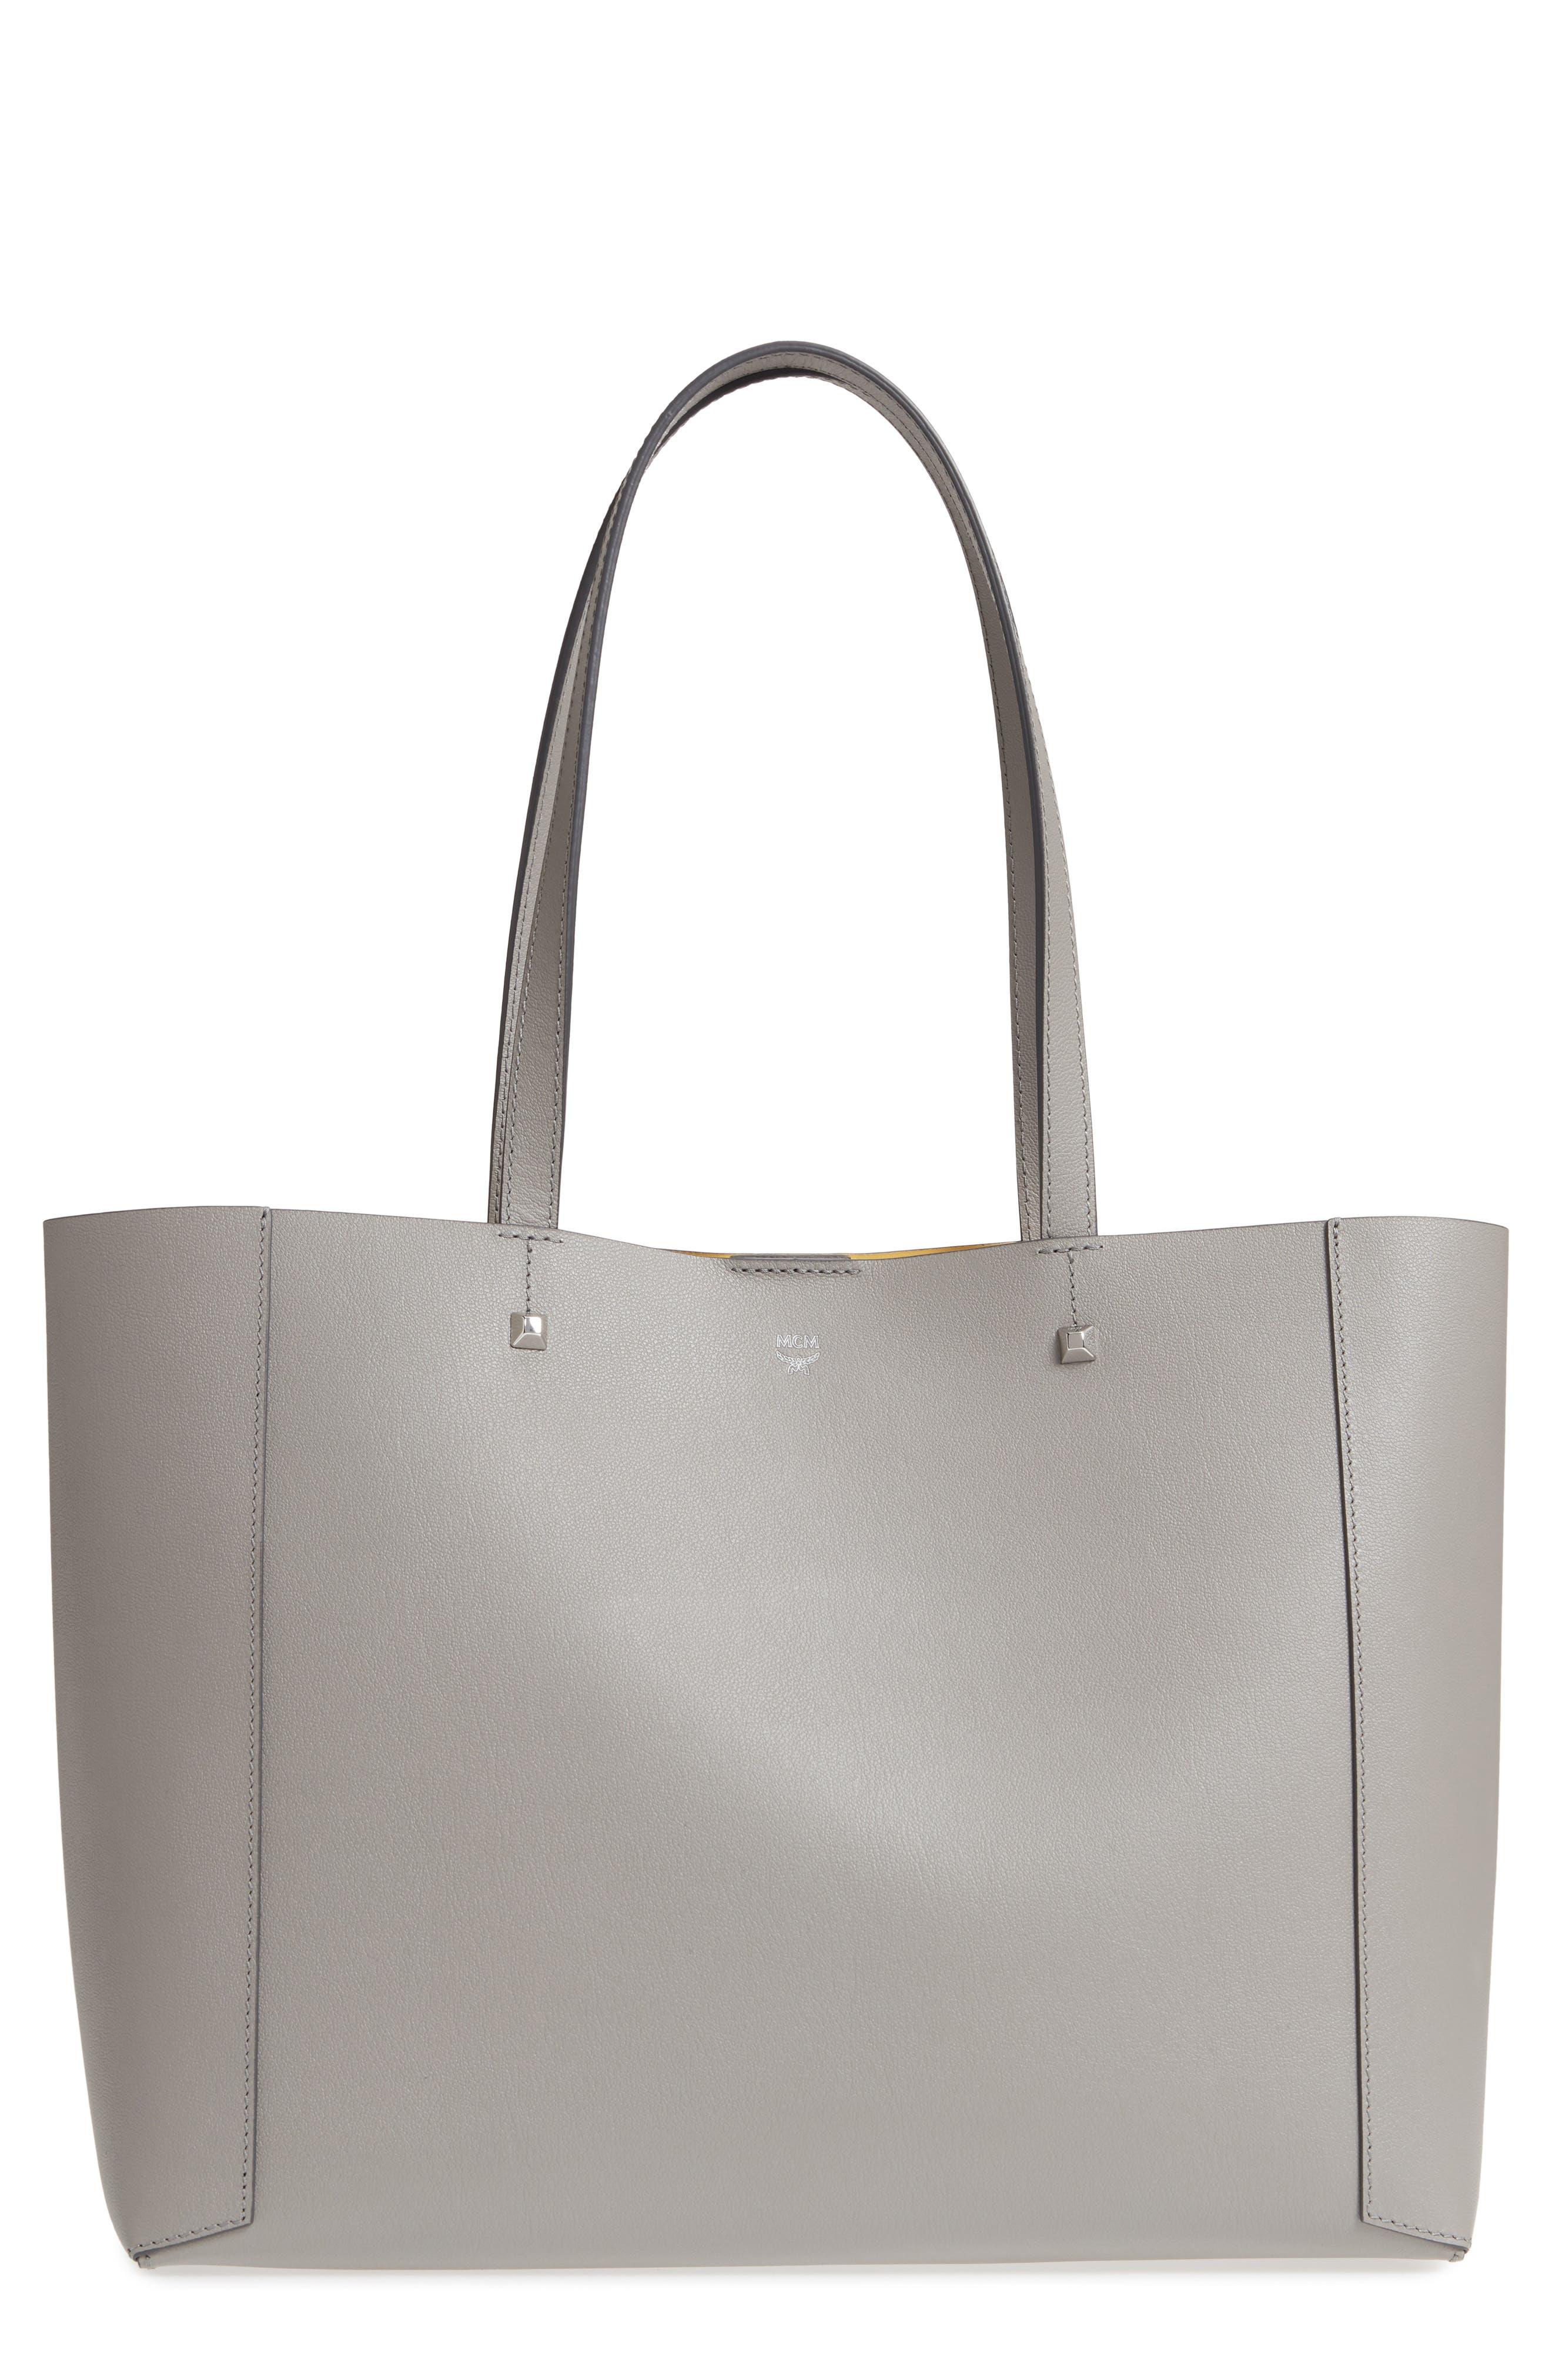 Ilse East/West Leather Shopper,                         Main,                         color, Arch Grey